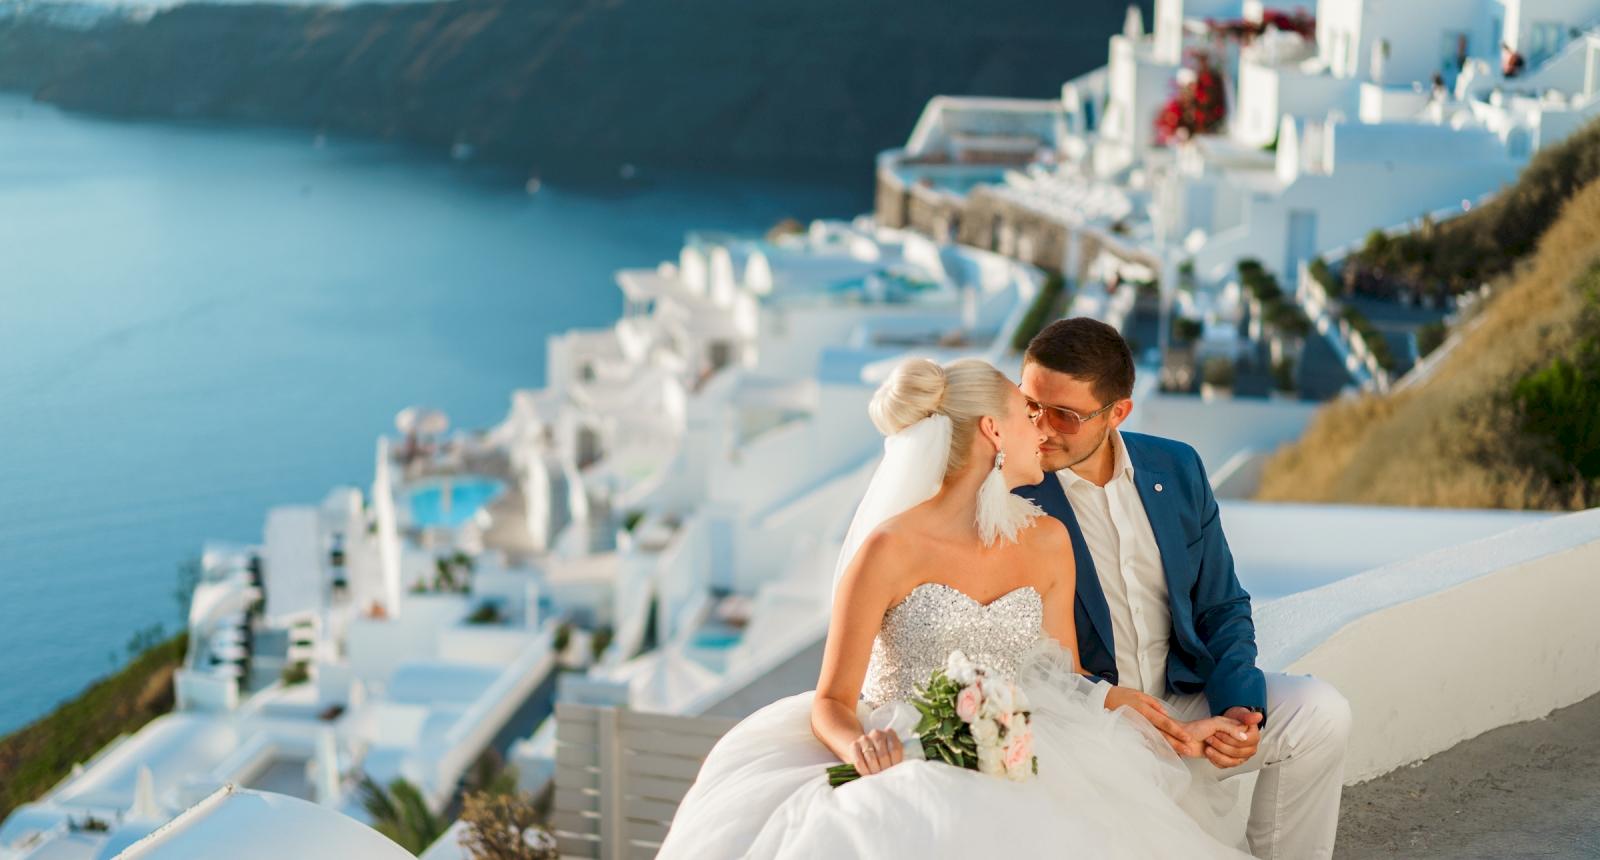 Екатерина и Дмитрий: свадьба на санторини, свадебное агентство Julia Veselova - Фото 5